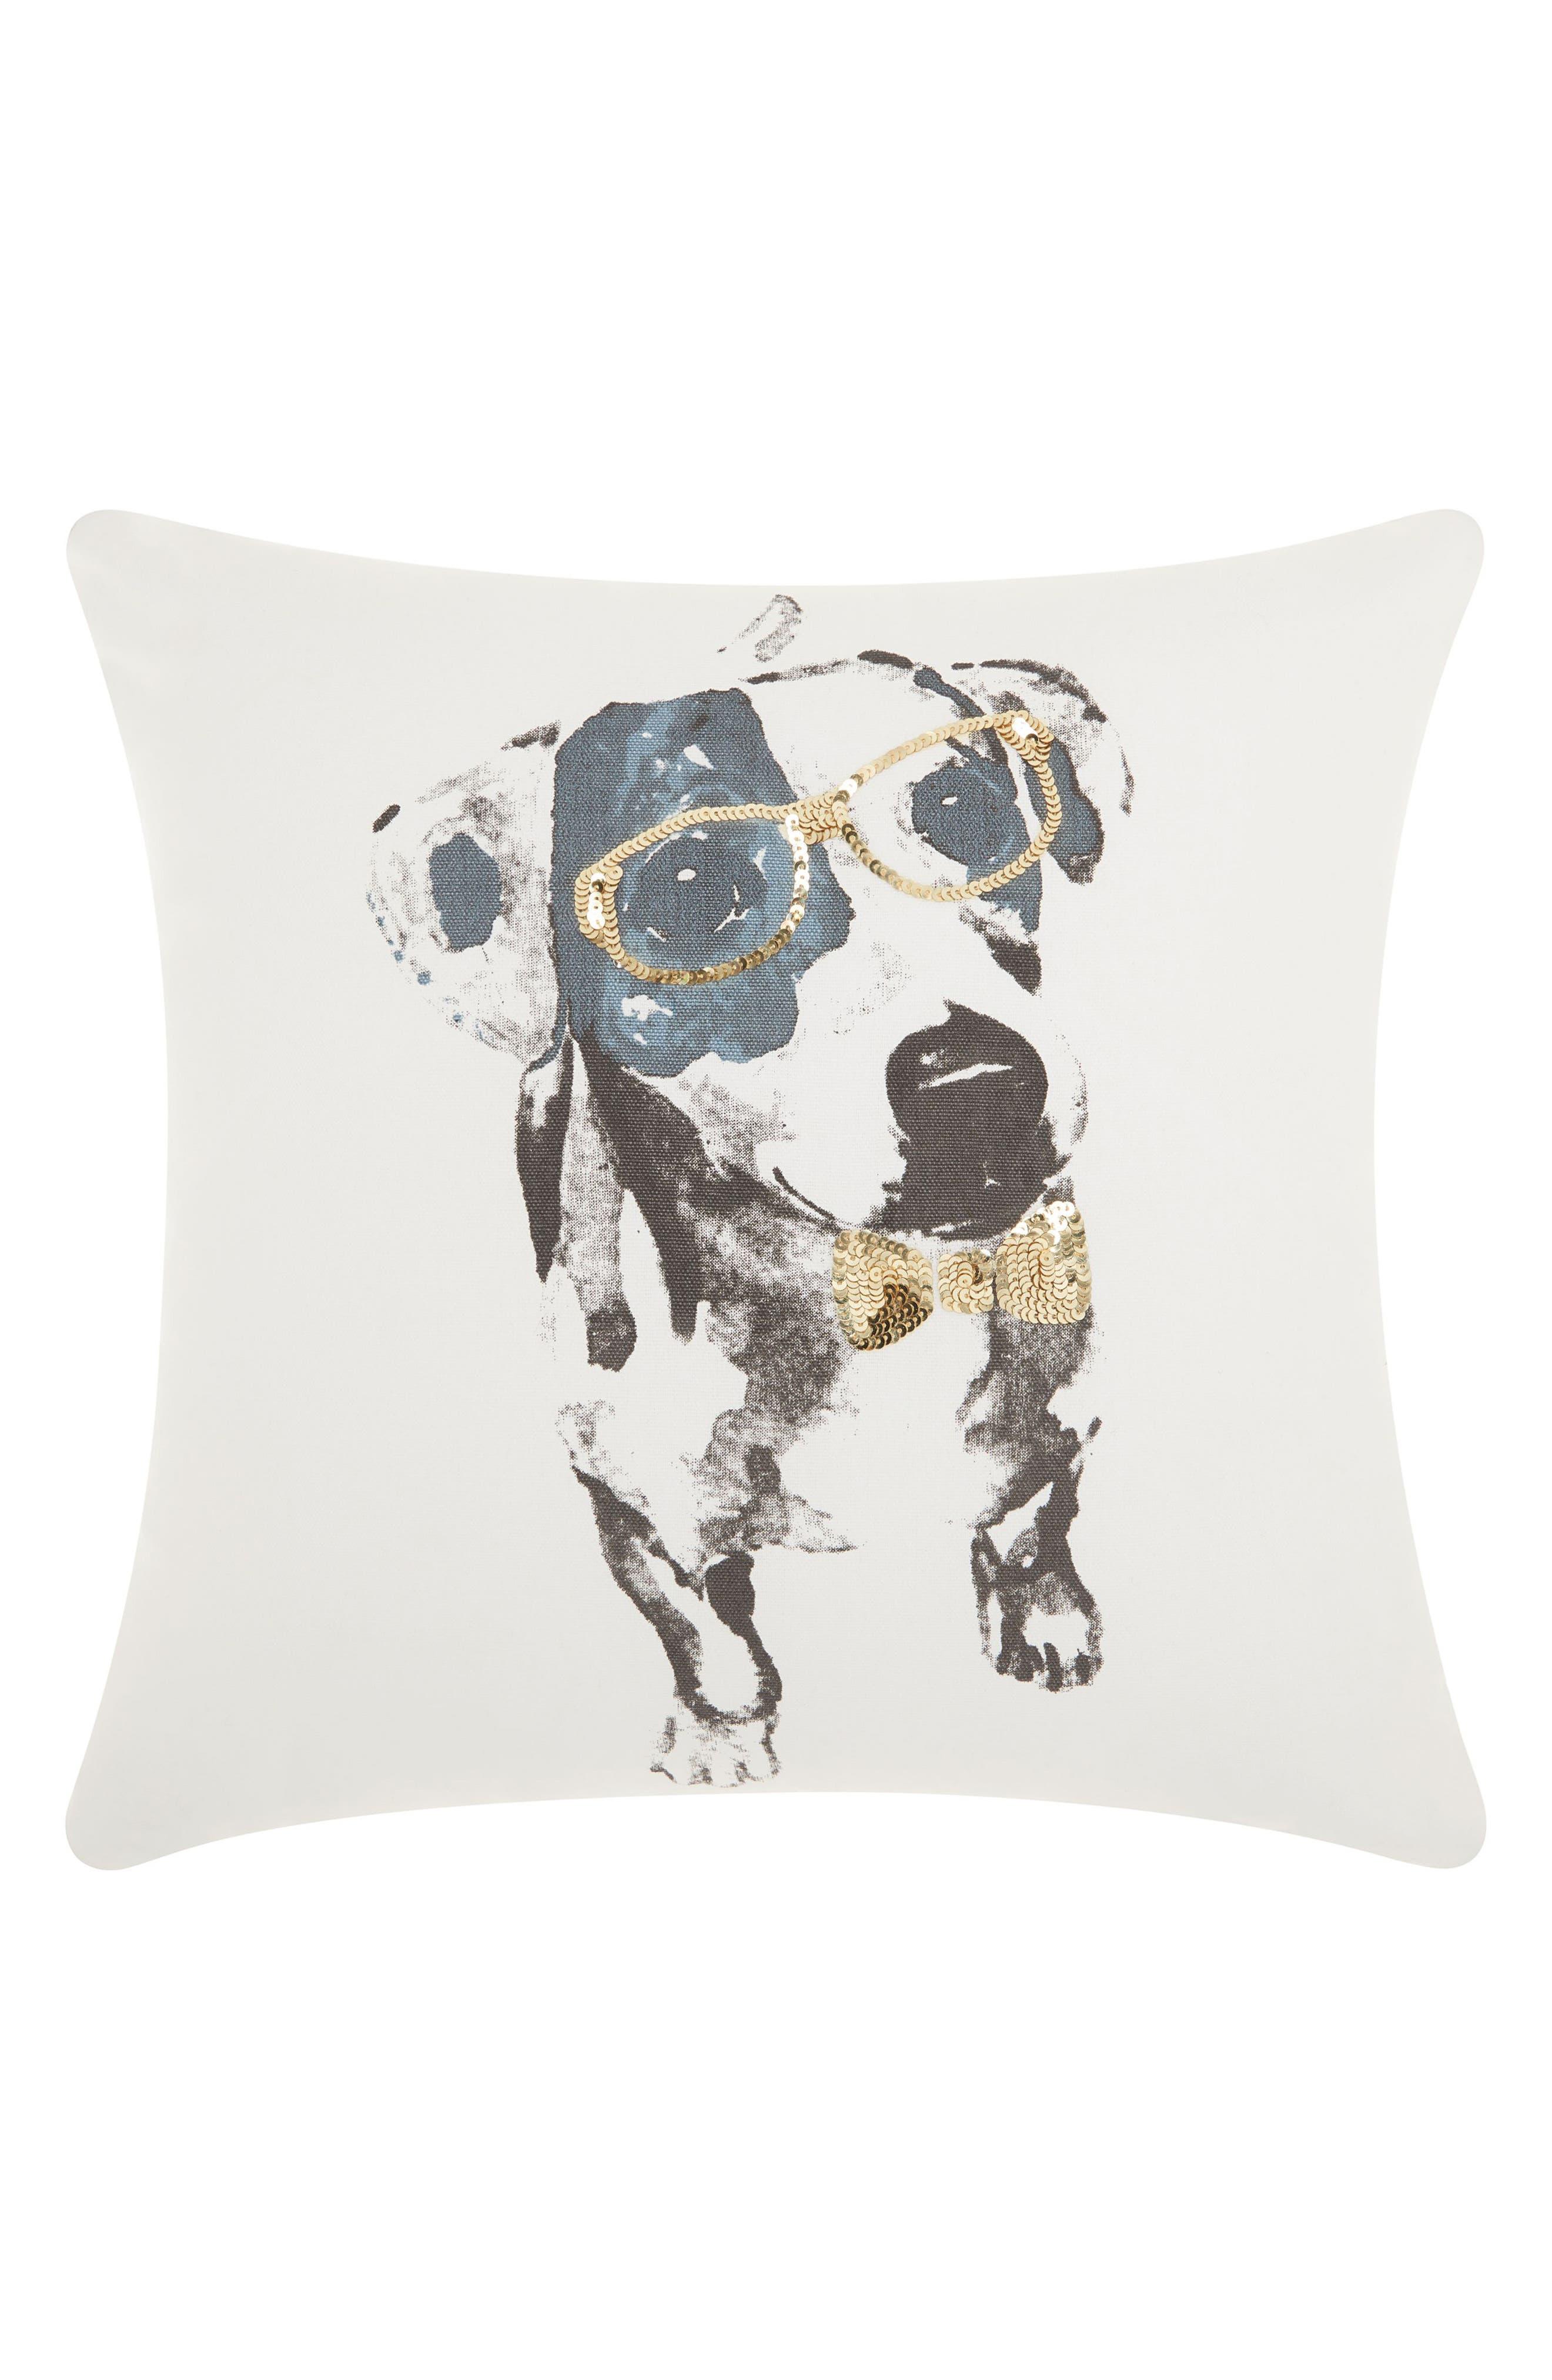 Sequin Dalmatian Accent Pillow,                         Main,                         color, White